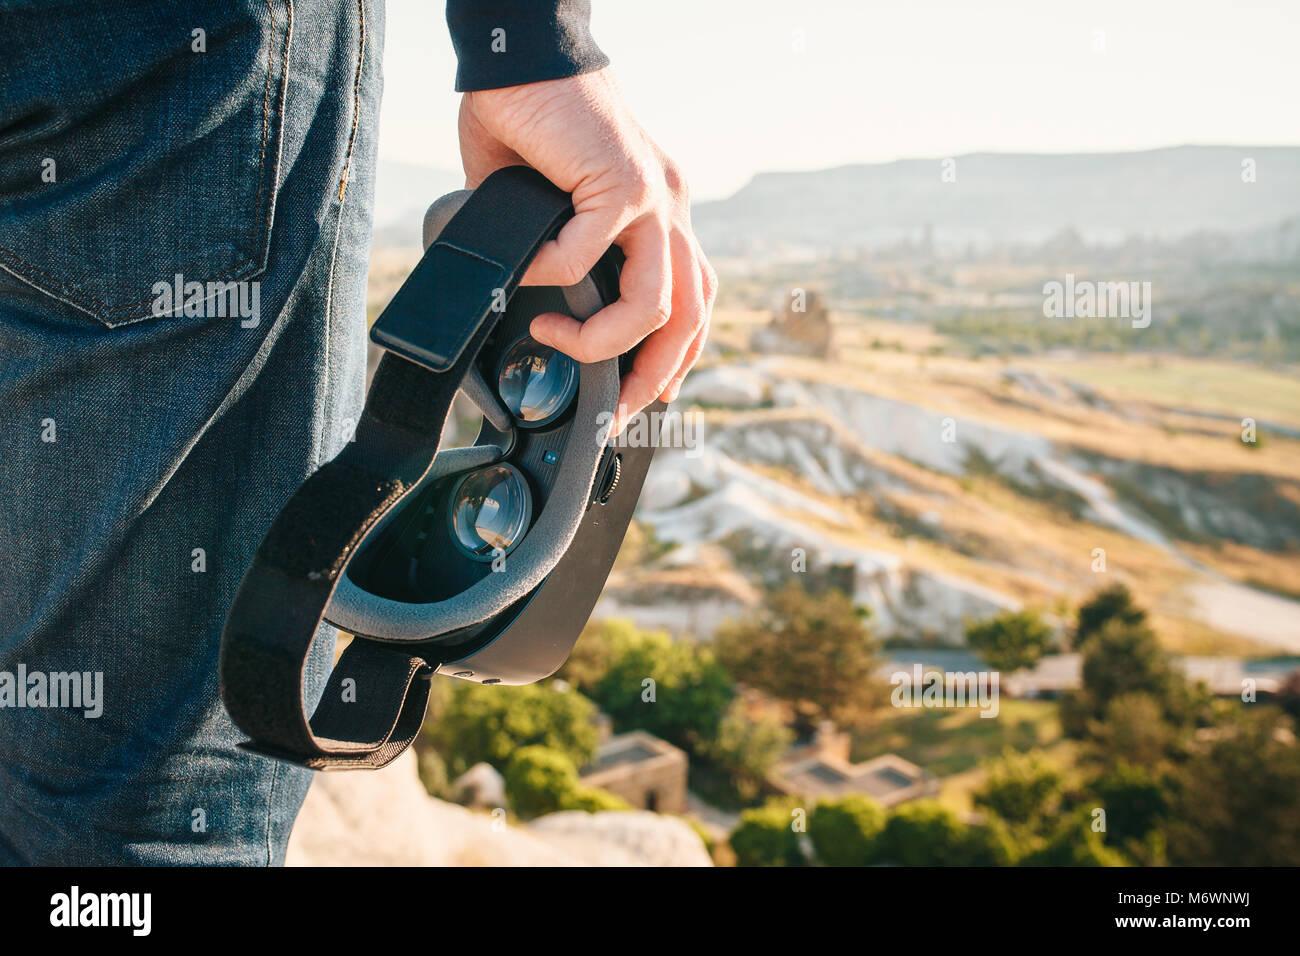 Lunettes de réalité virtuelle. La future technologie concept. La technologie de l'imagerie moderne. Photo Stock